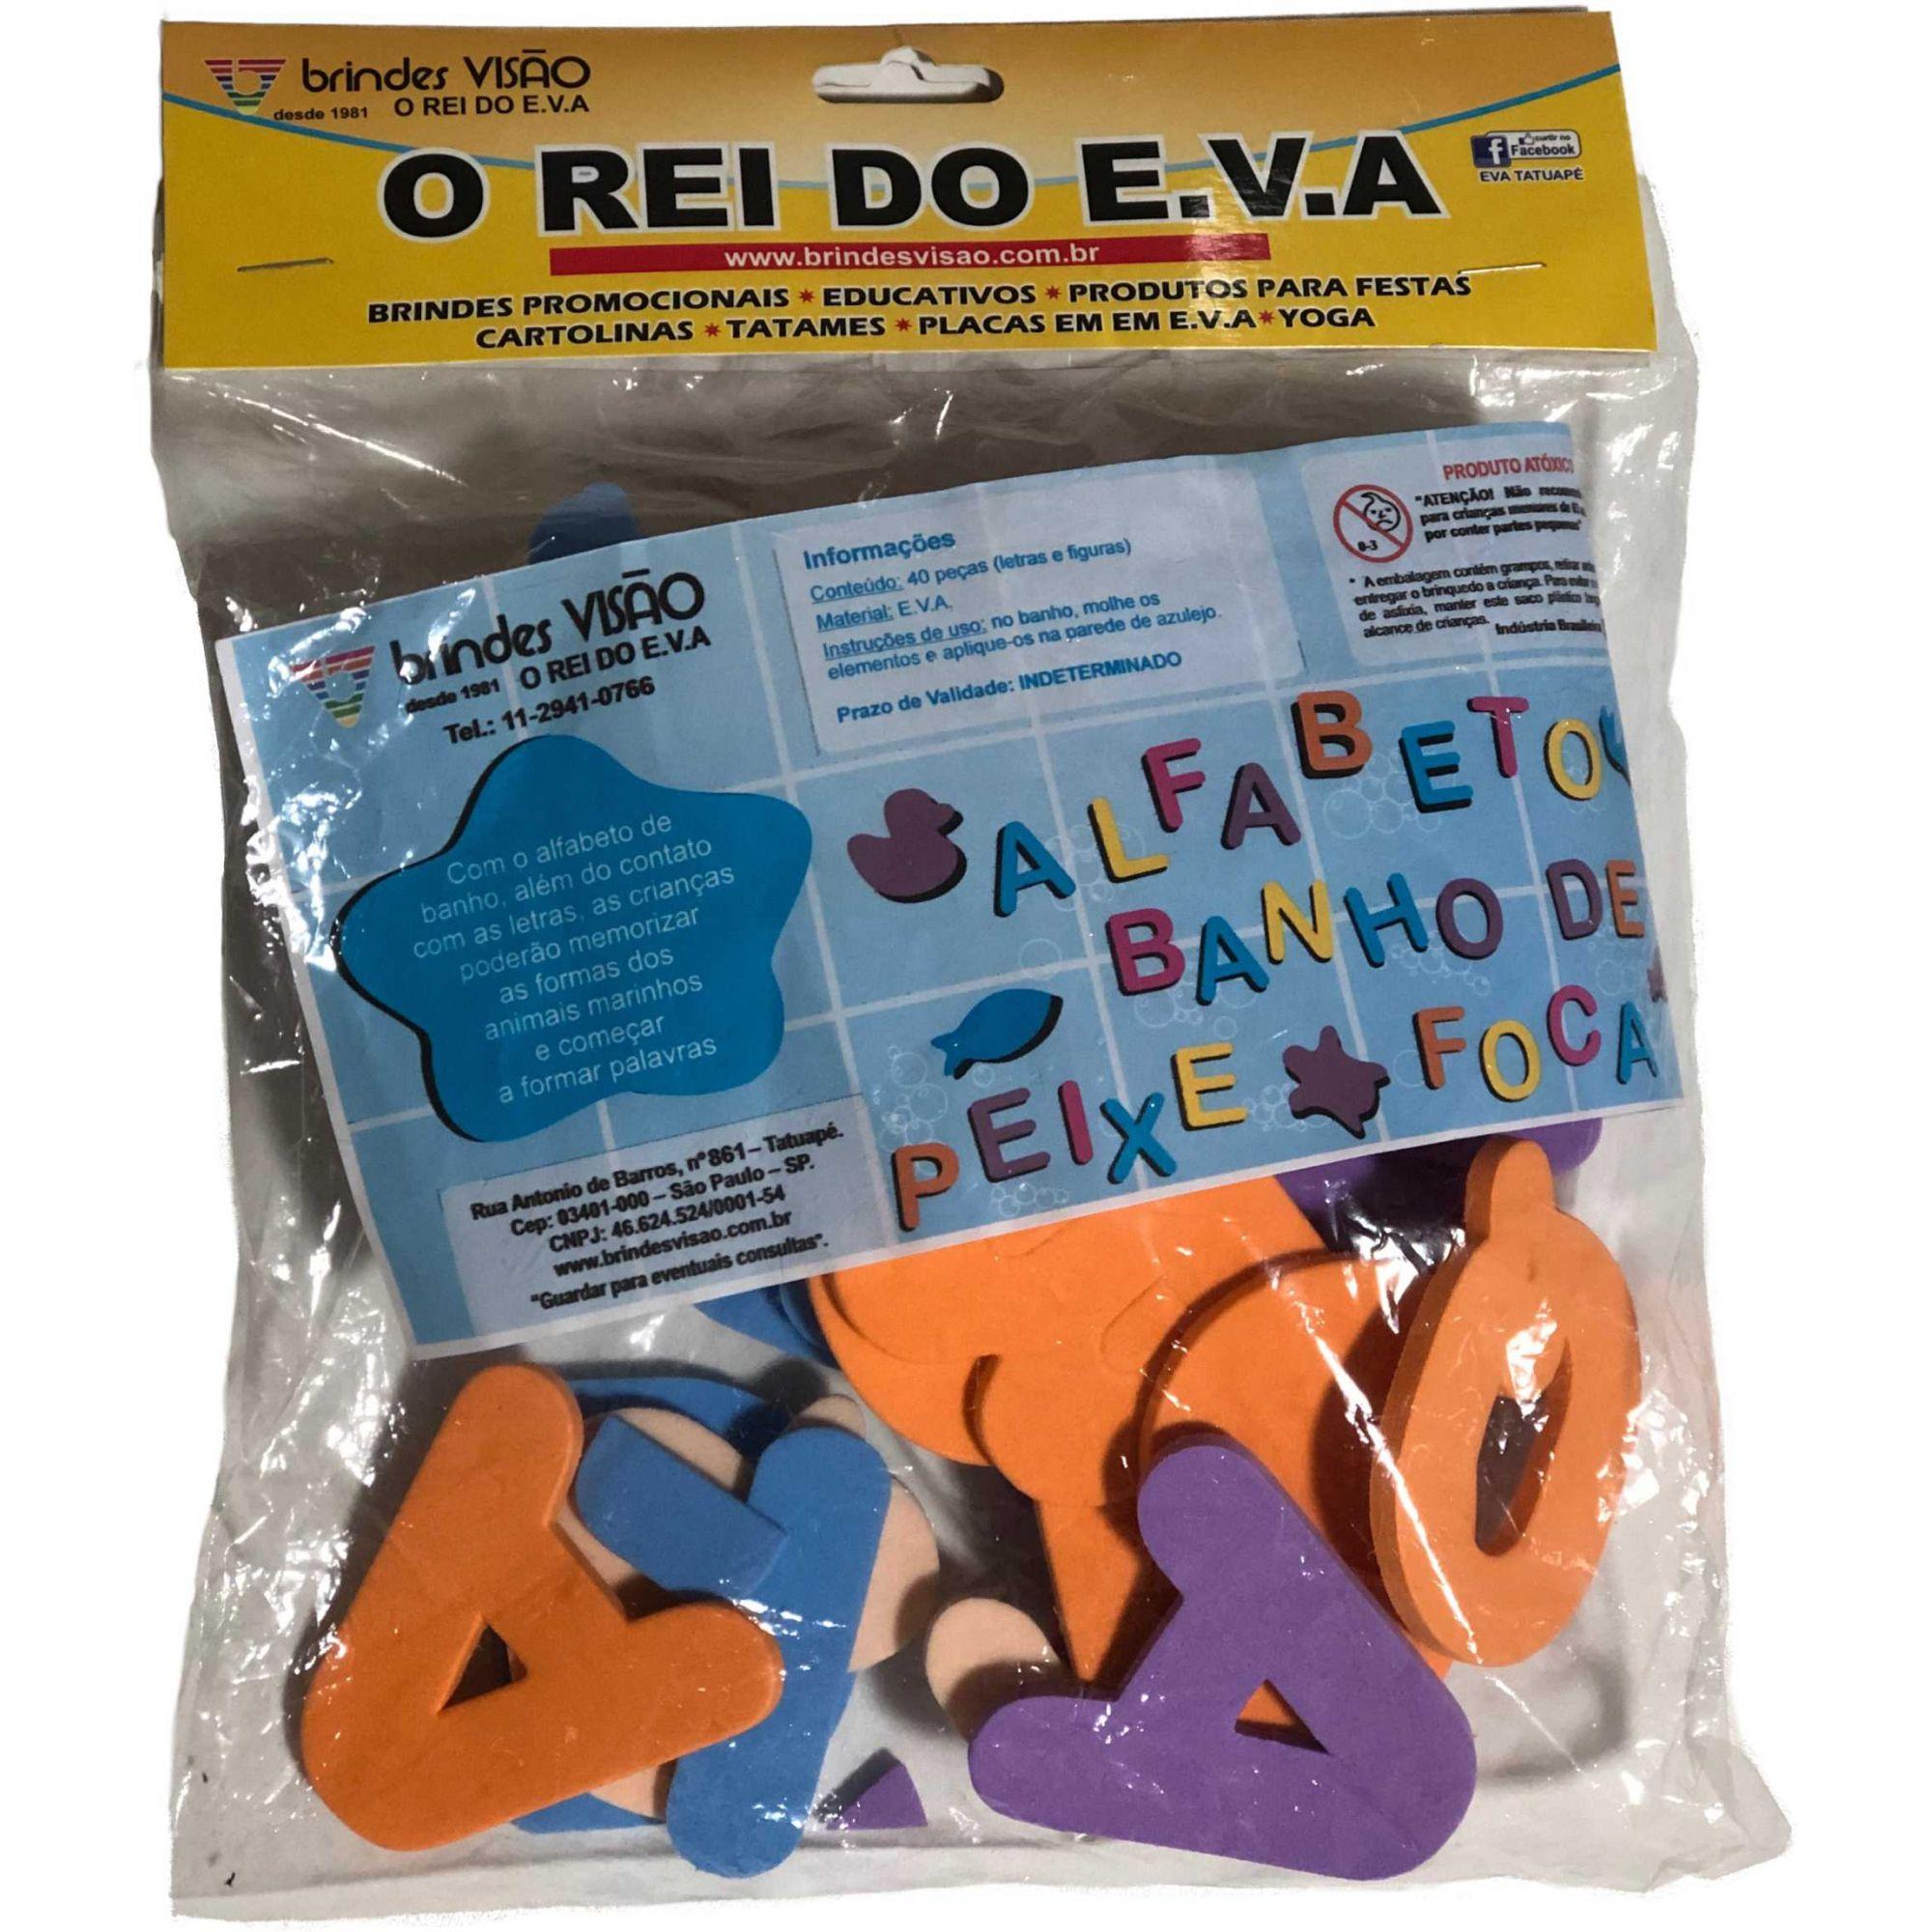 ALFABETO DE BANHO - 40 PEÇAS EM E.V.A